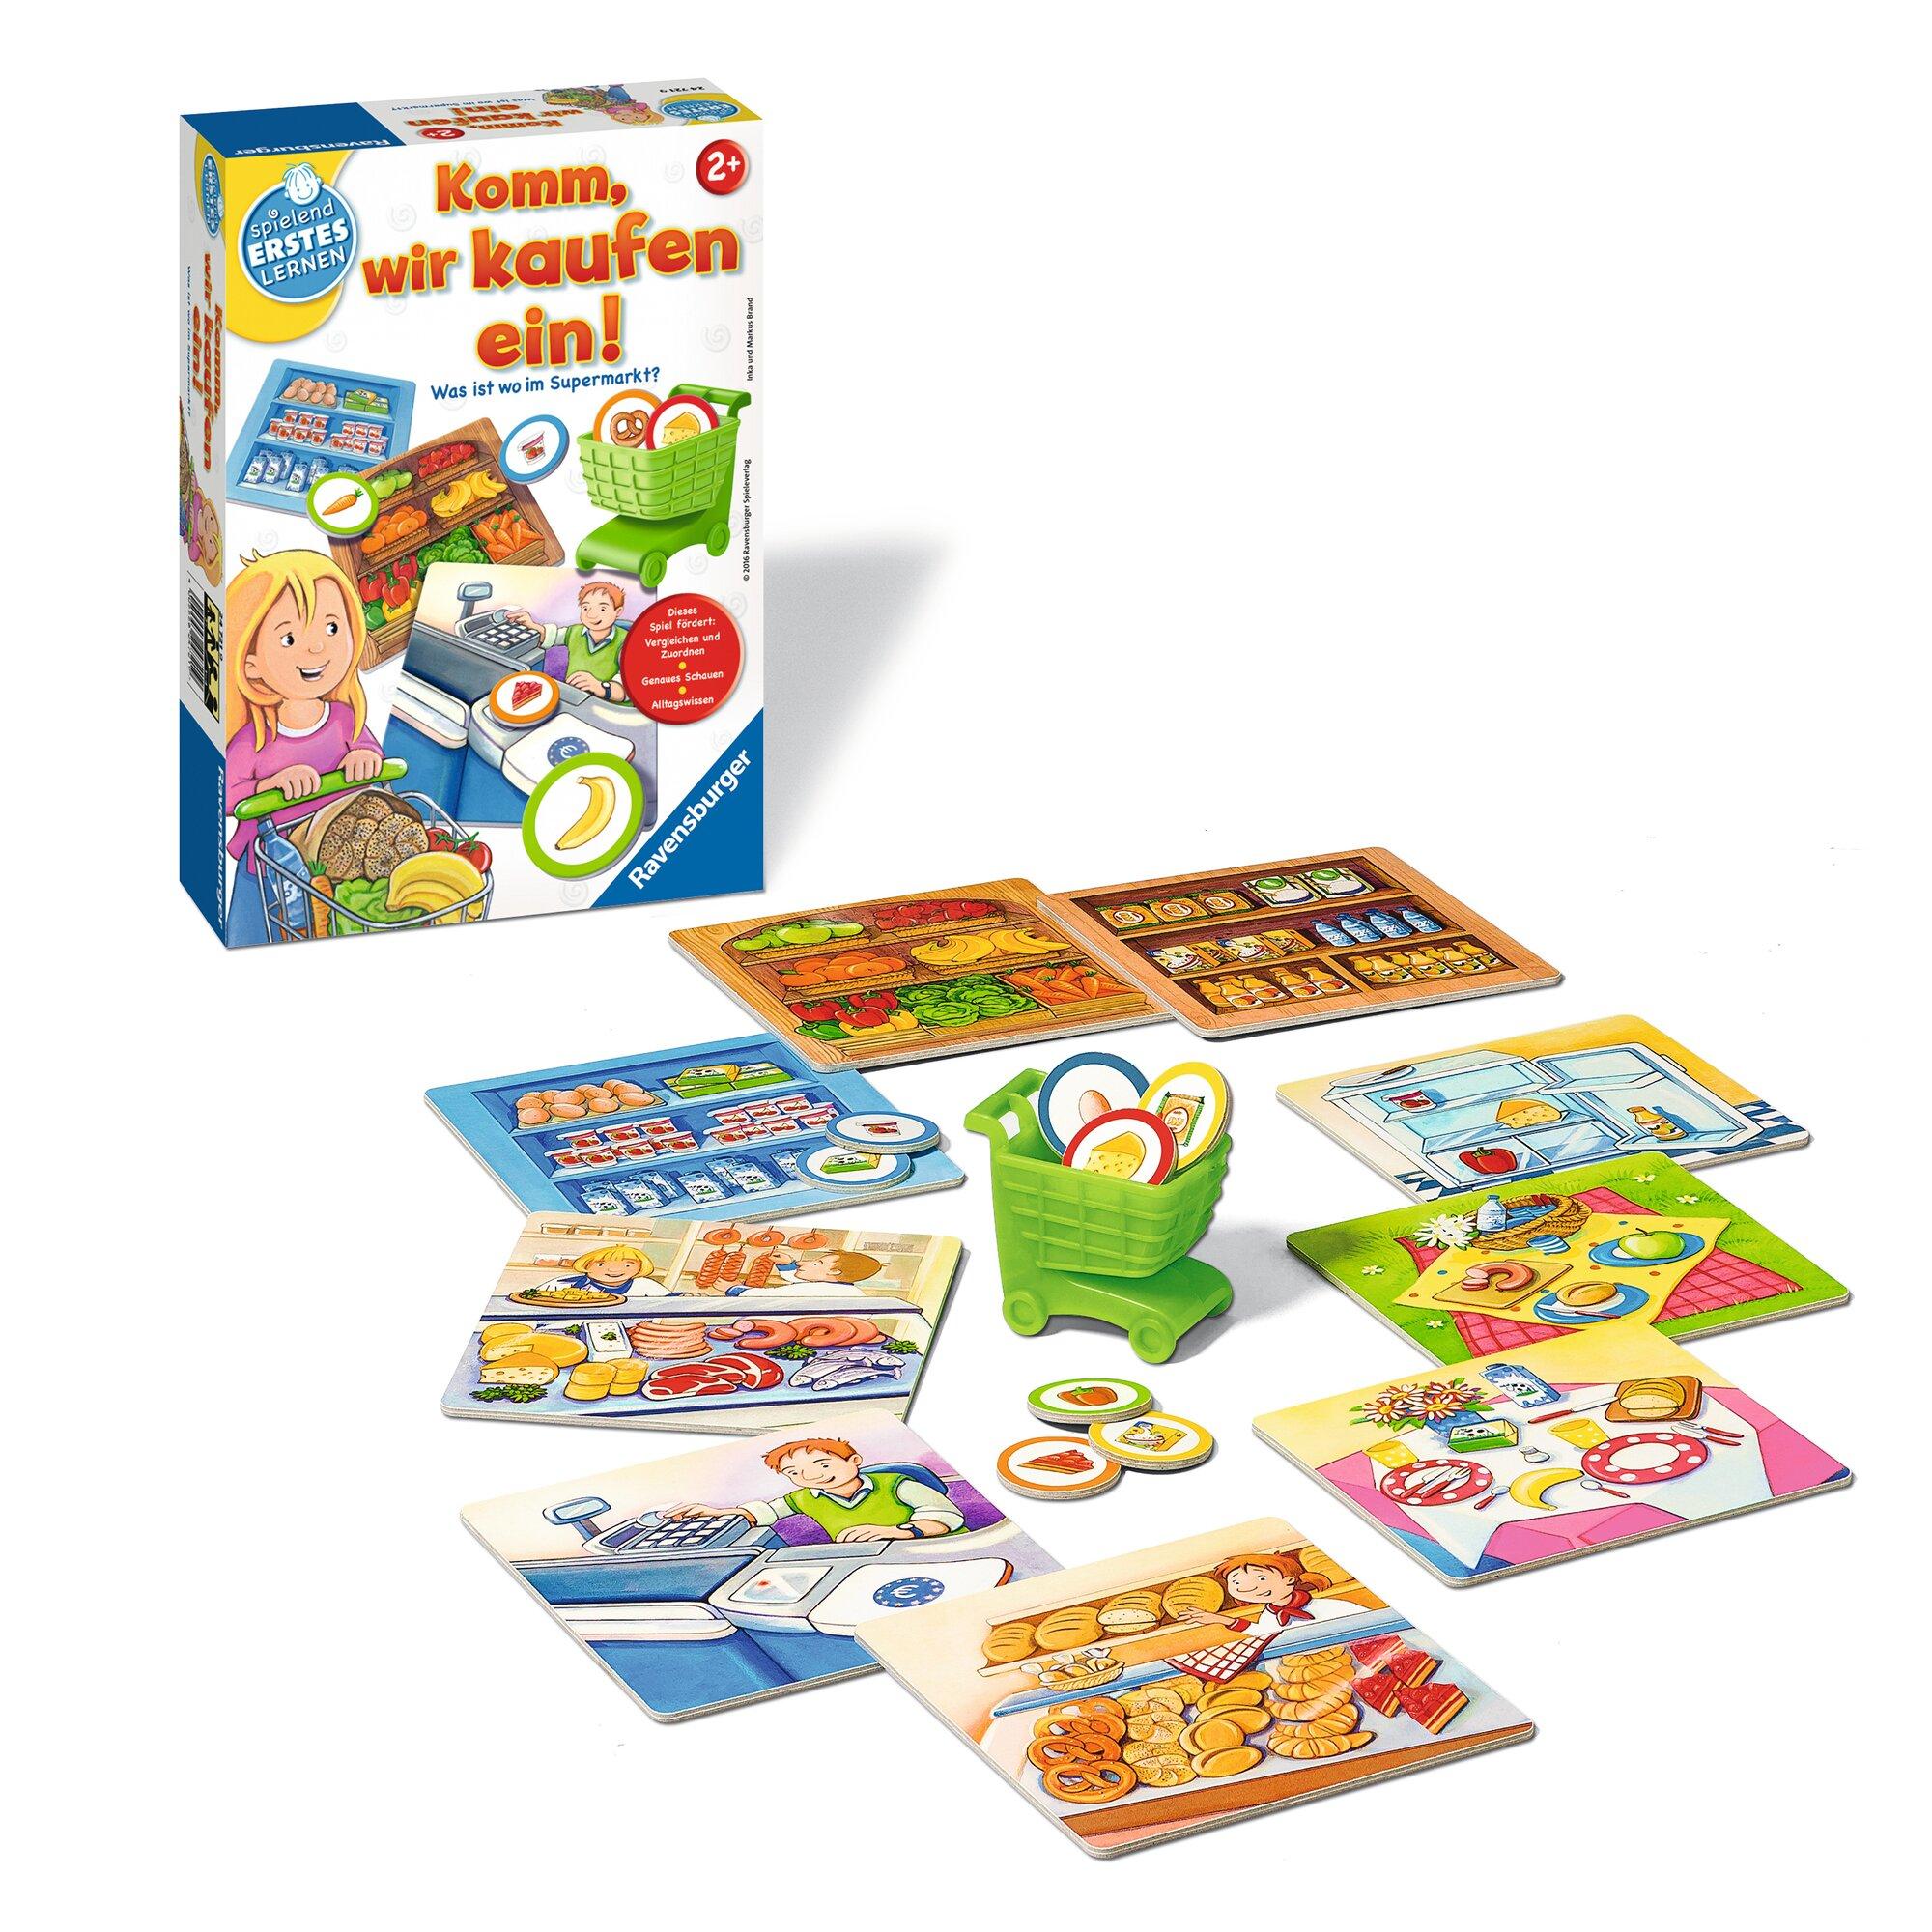 ravensburger-komm-wir-kaufen-ein-zuordnungsspiel, 9.99 EUR @ babywalz-de